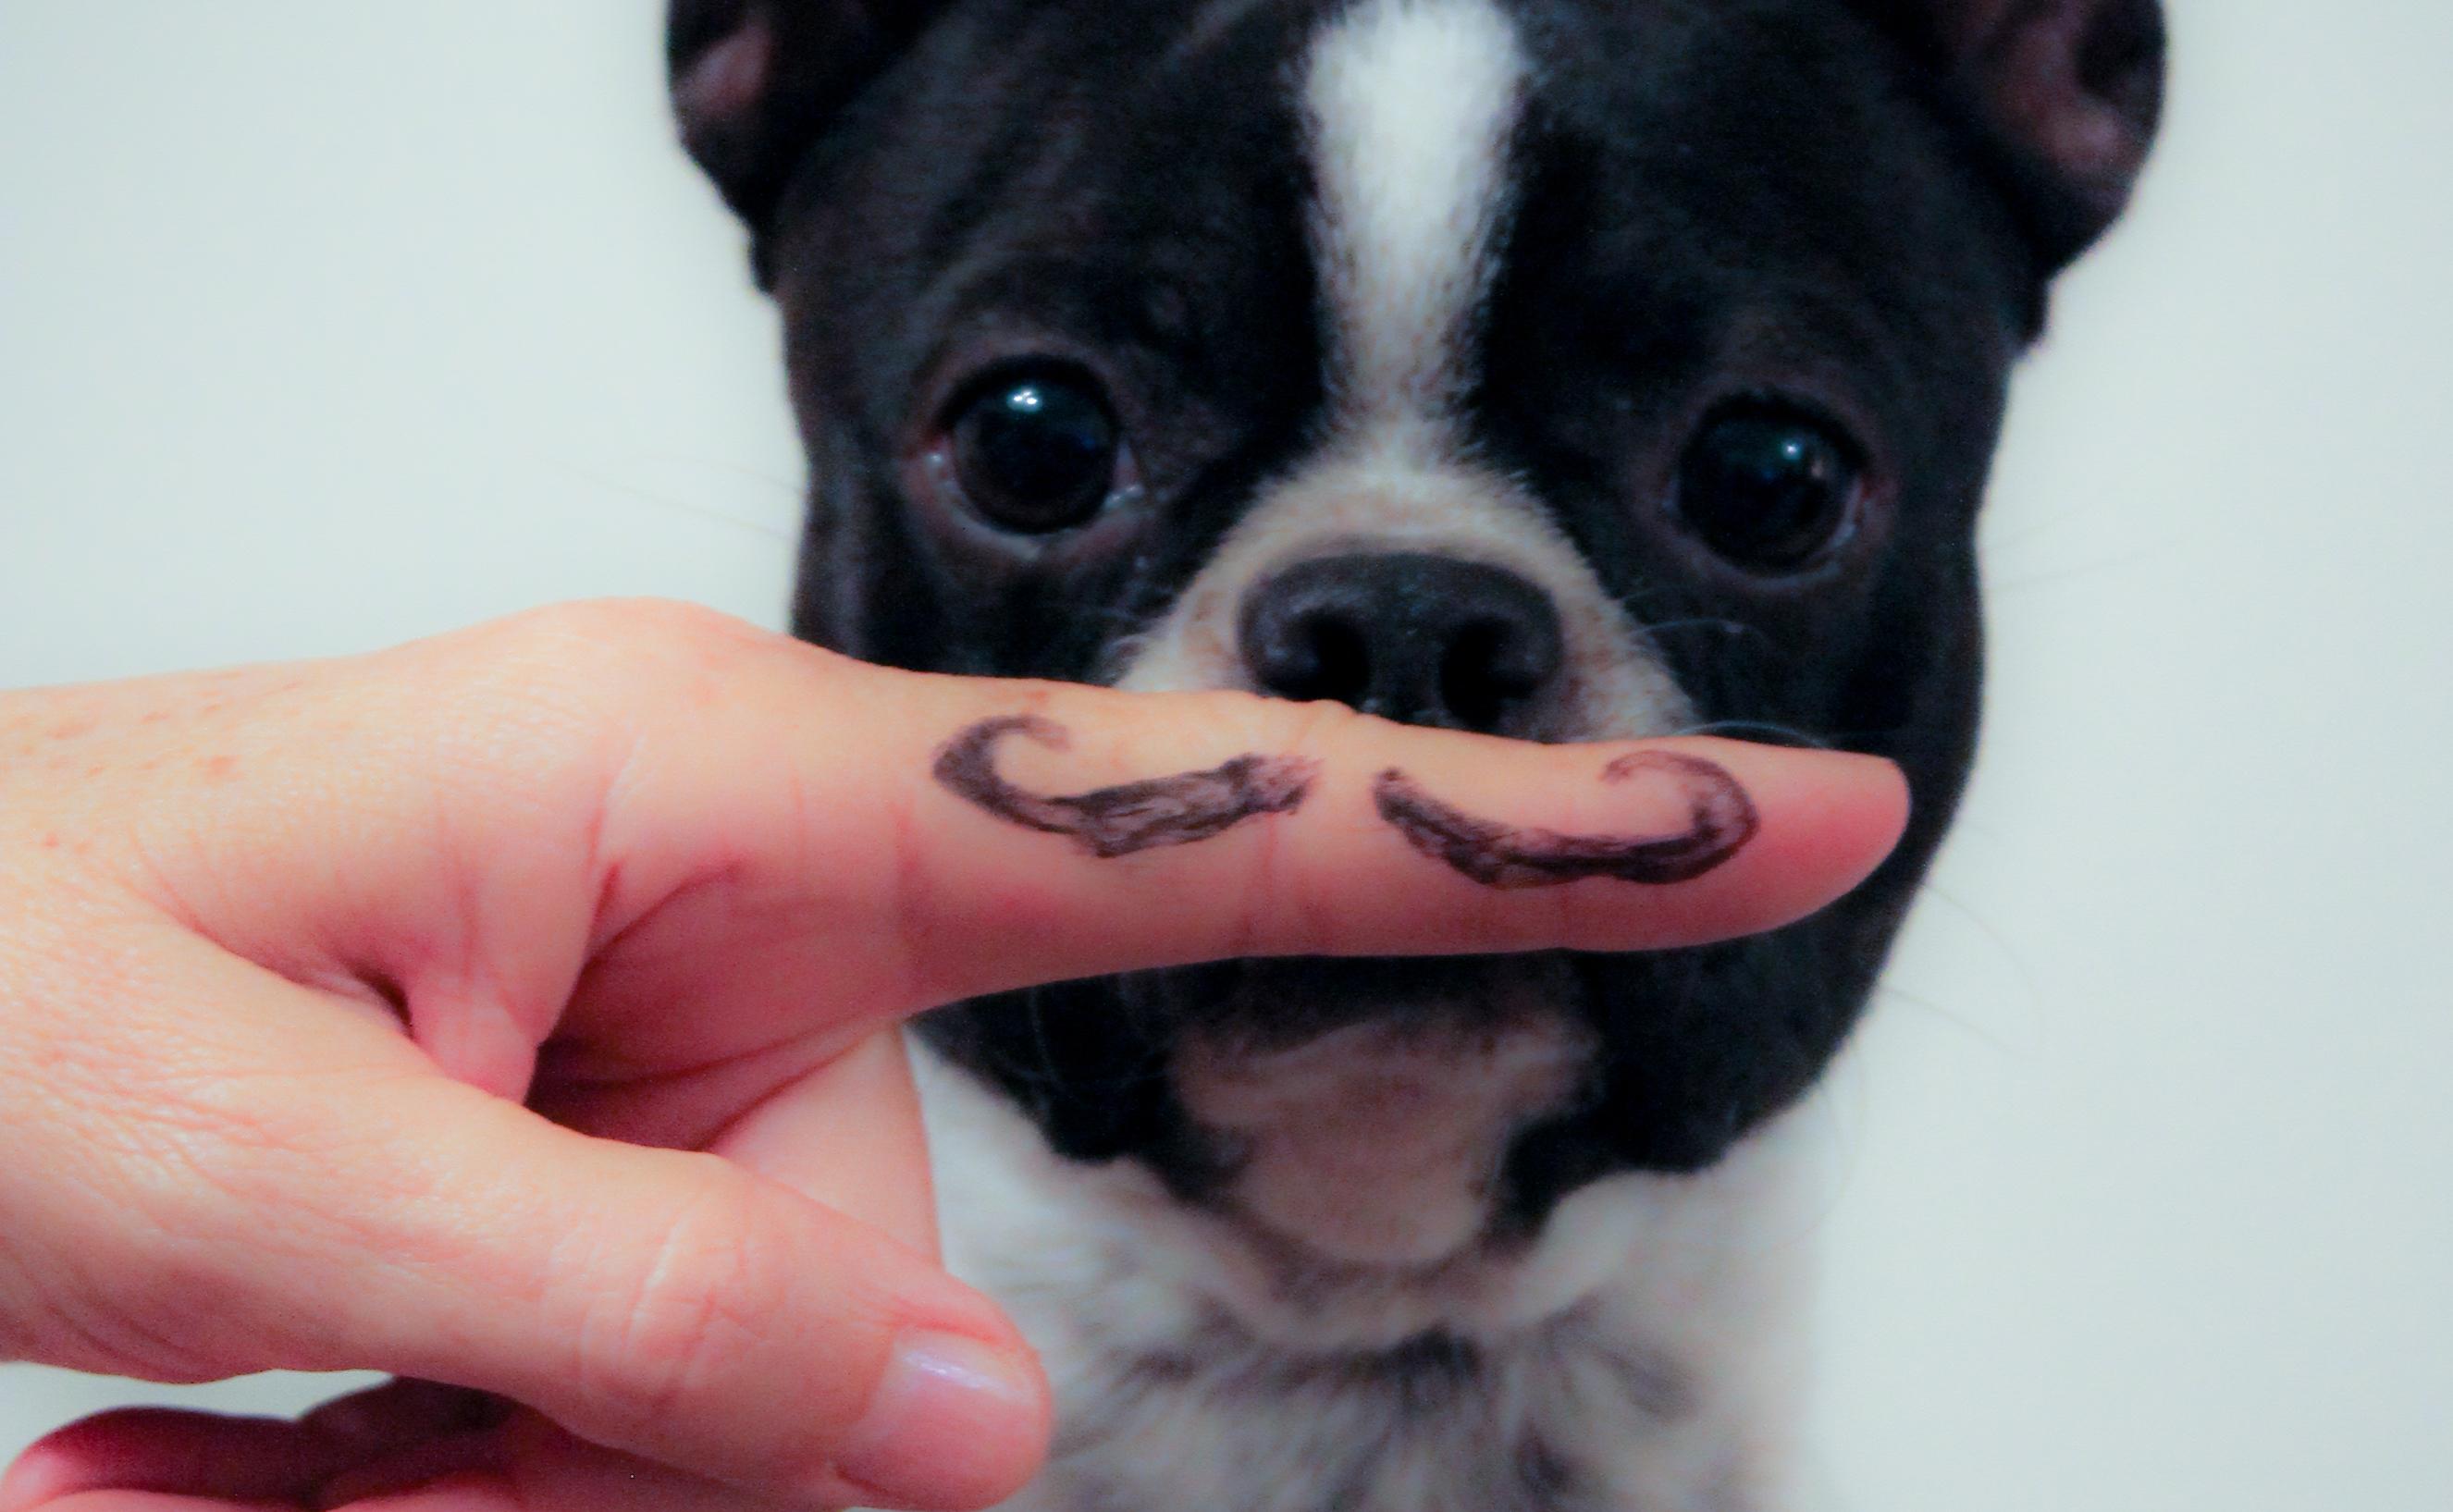 Τι ρατσα σκυλου πρεπει να εχεις αναλογα με την προσωπικοτητα σου